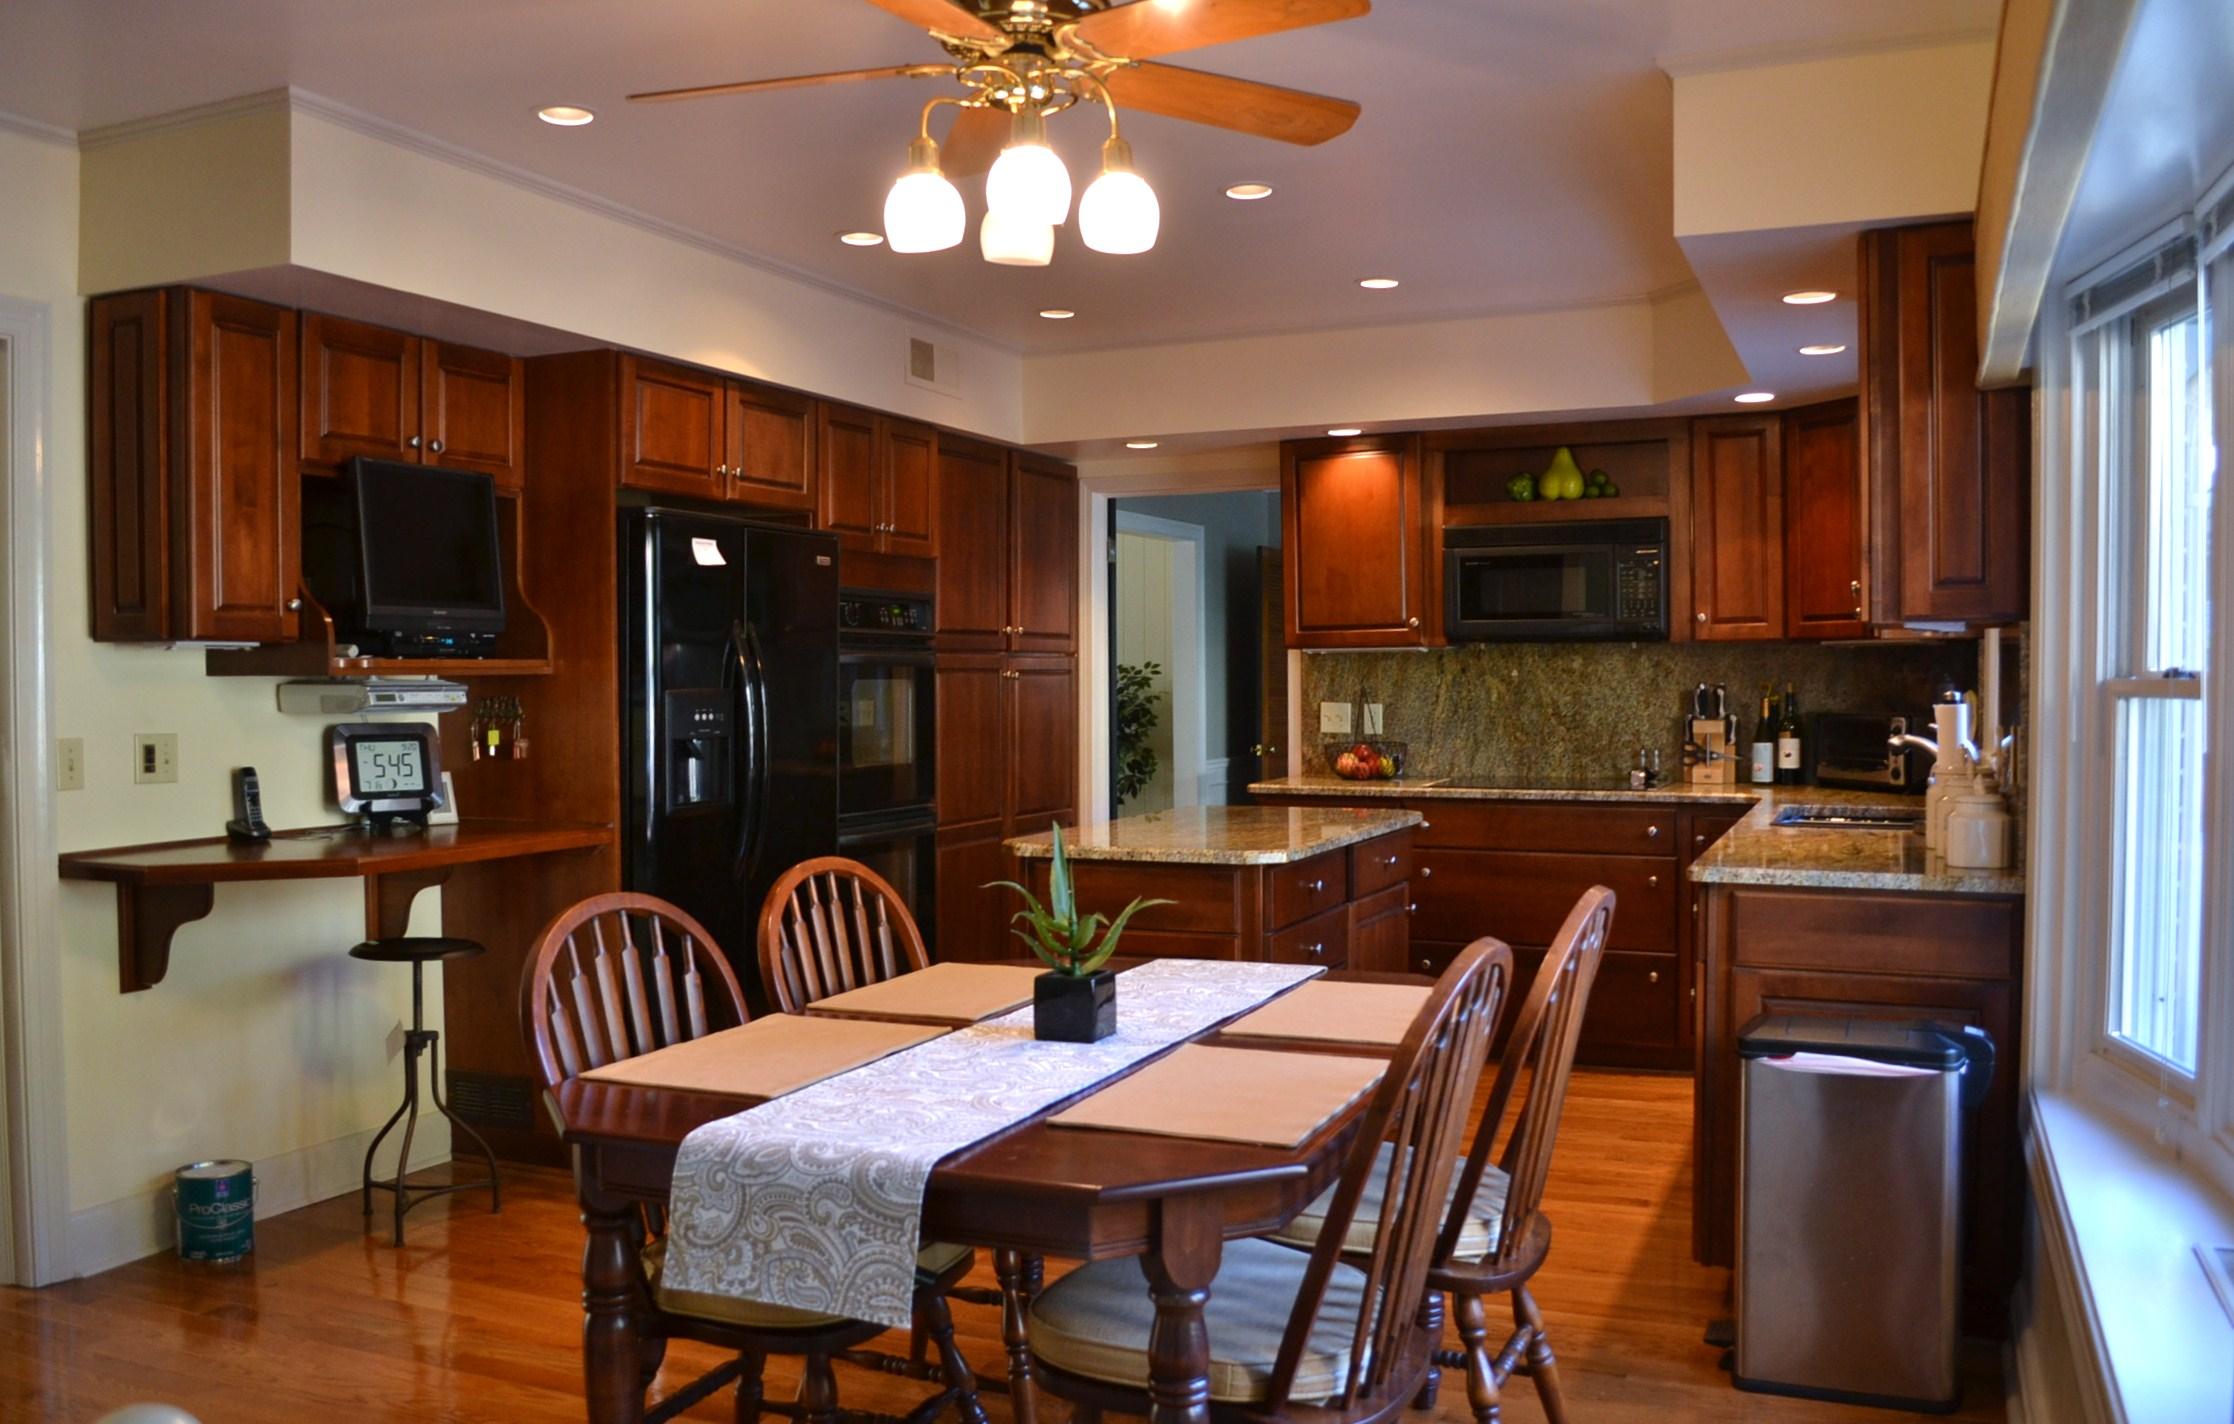 10 day kitchen makeover part i. Black Bedroom Furniture Sets. Home Design Ideas